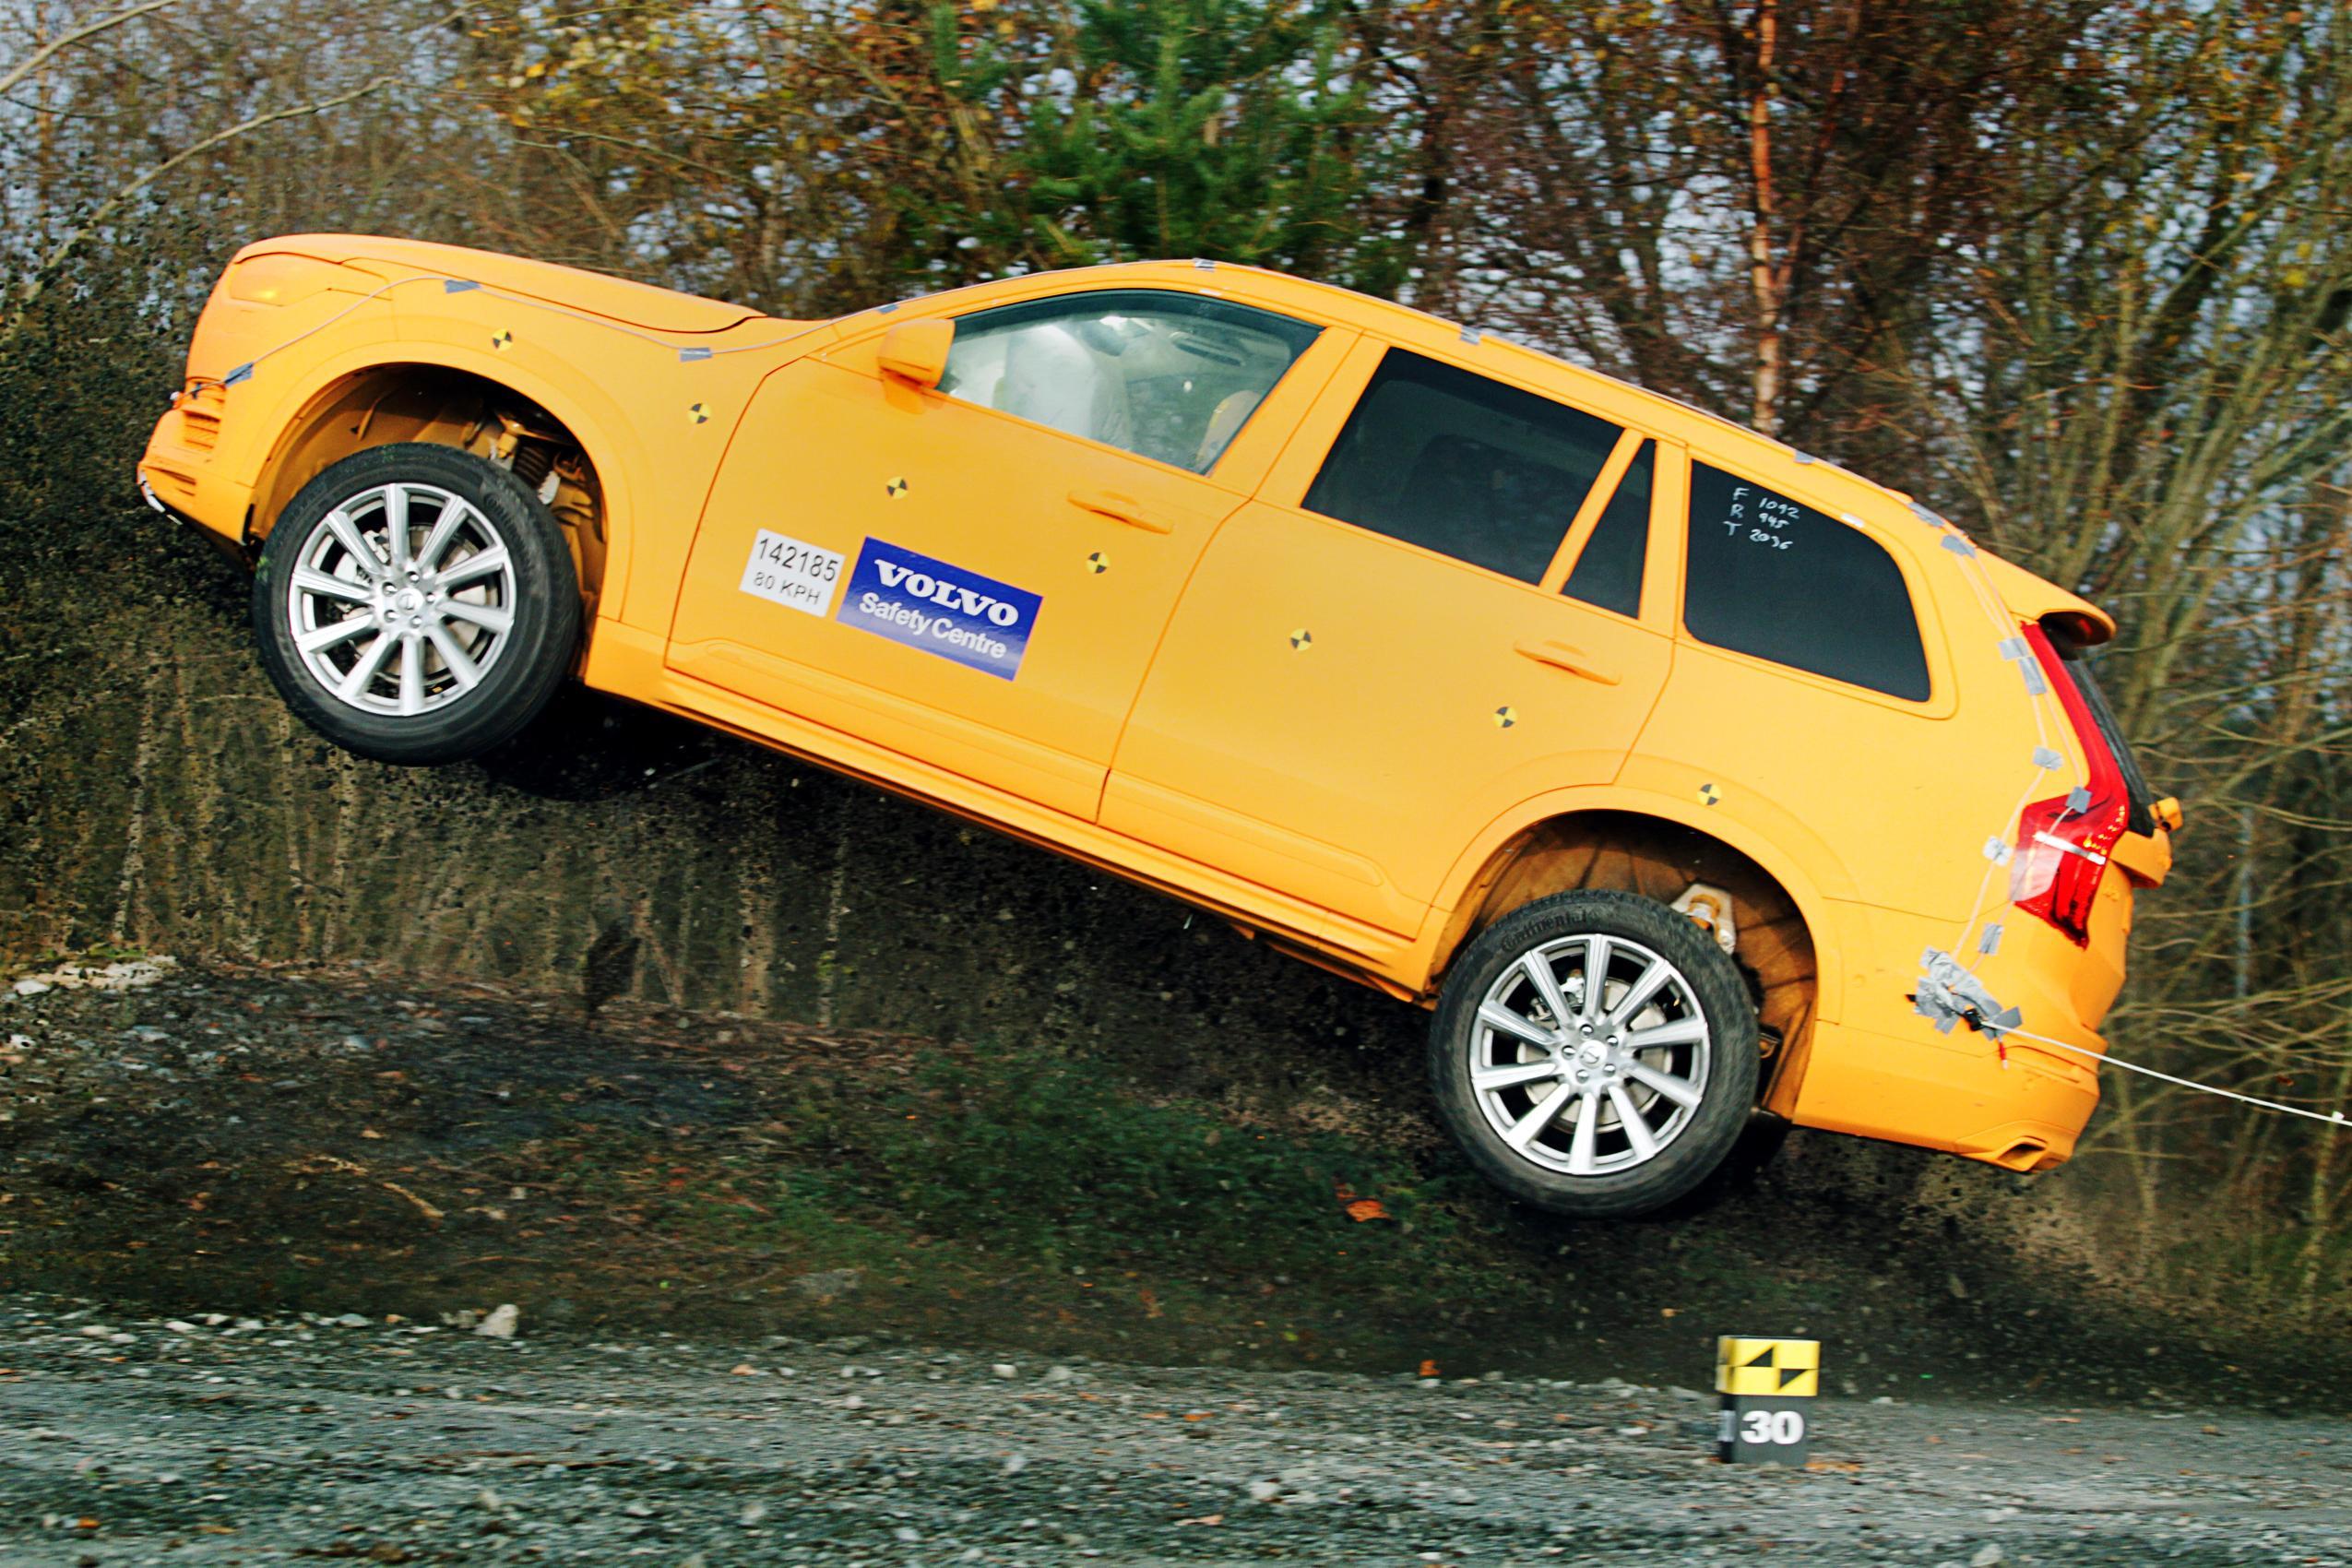 Volvo: da una giostra a un test per la sicurezza